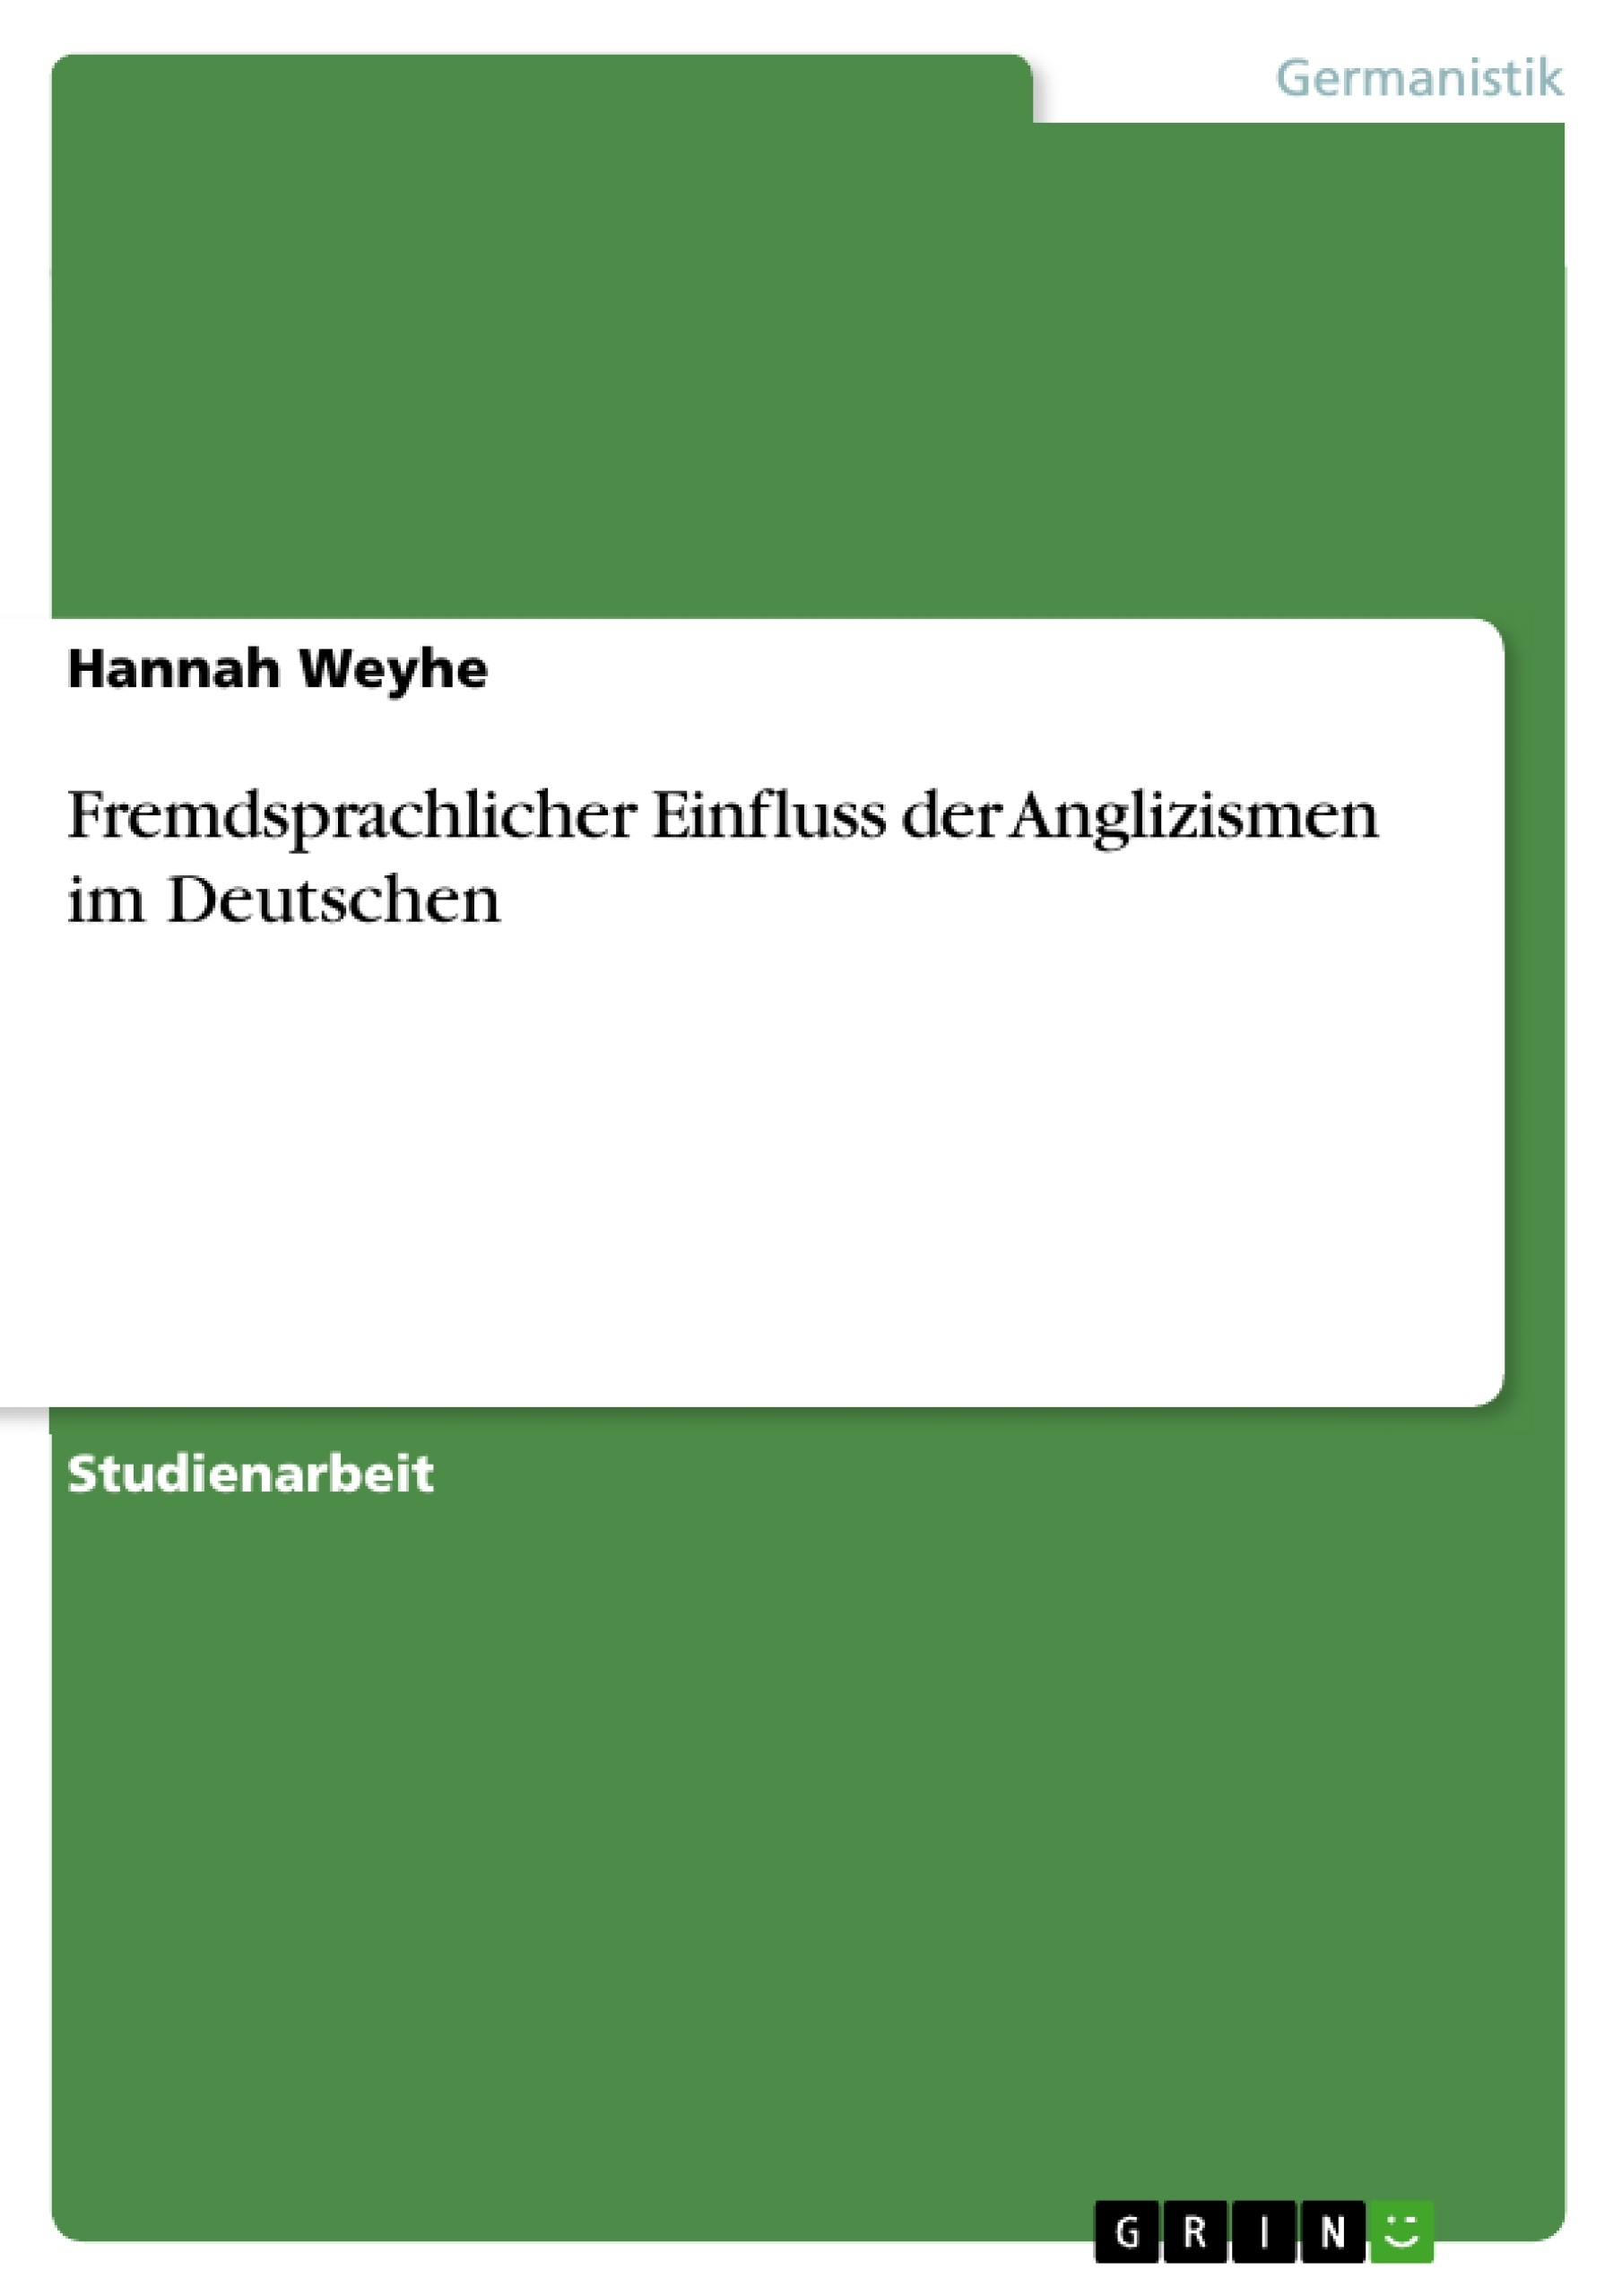 Titel: Fremdsprachlicher Einfluss der Anglizismen im Deutschen